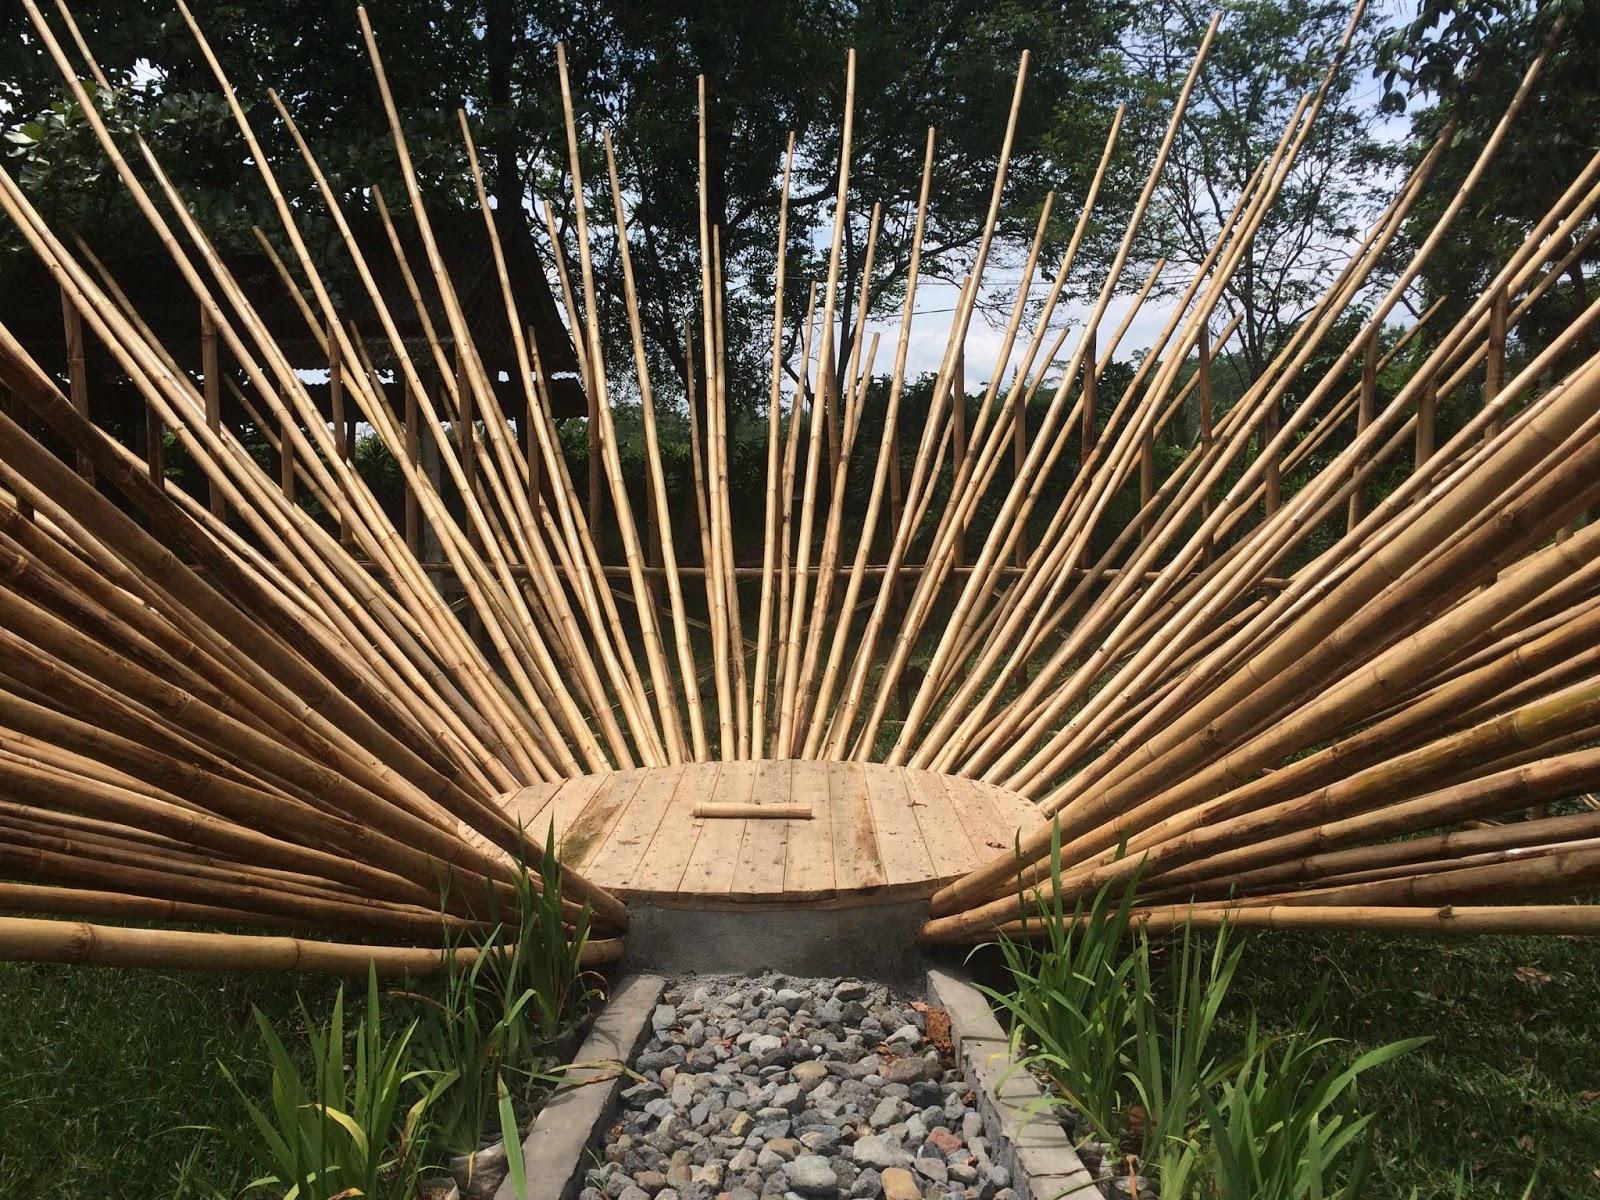 Belajar Membuat Wayang di Desa Wisata Pentingsari Sleman